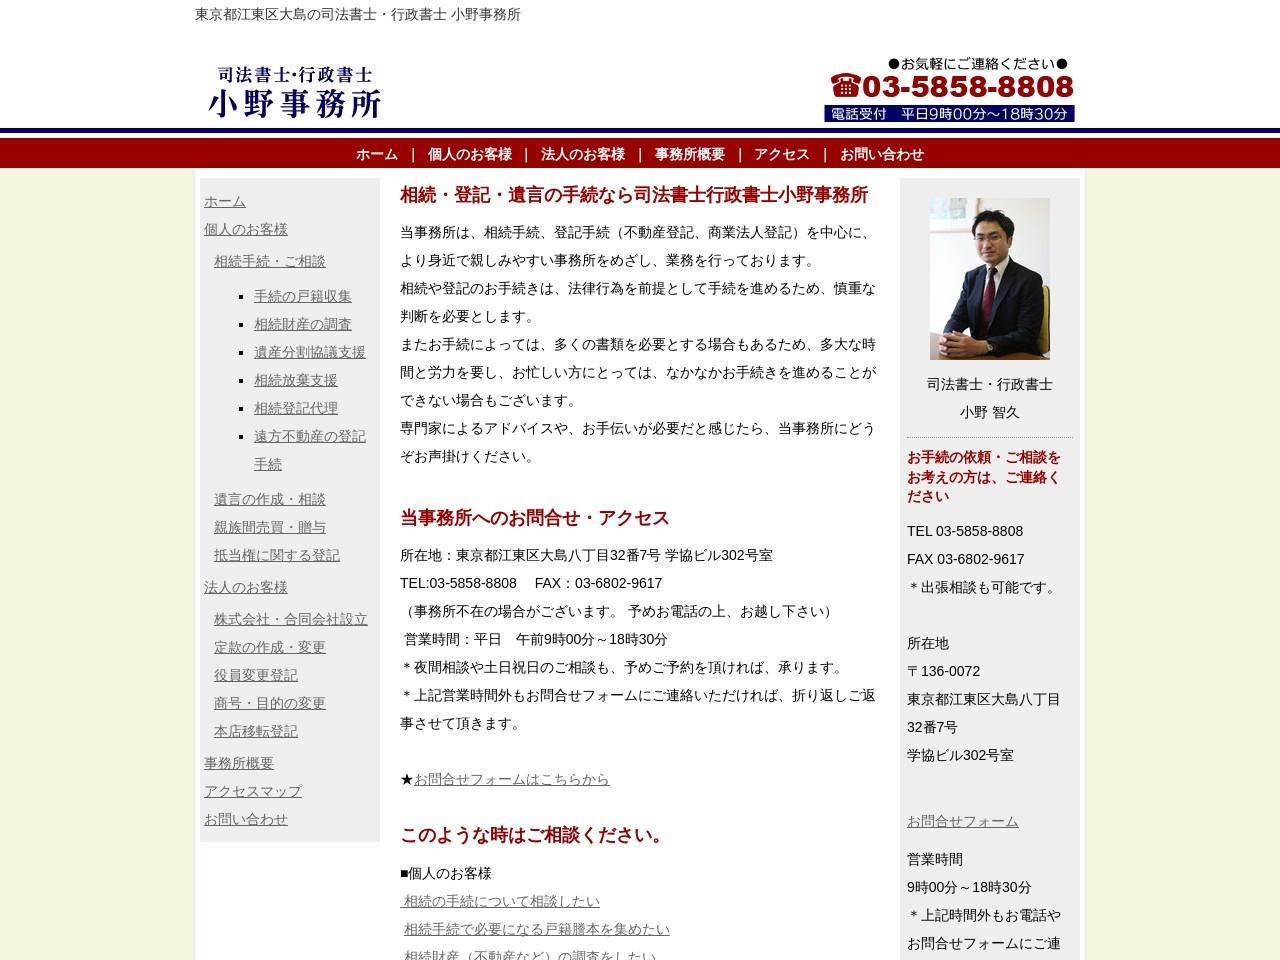 司法書士小野事務所